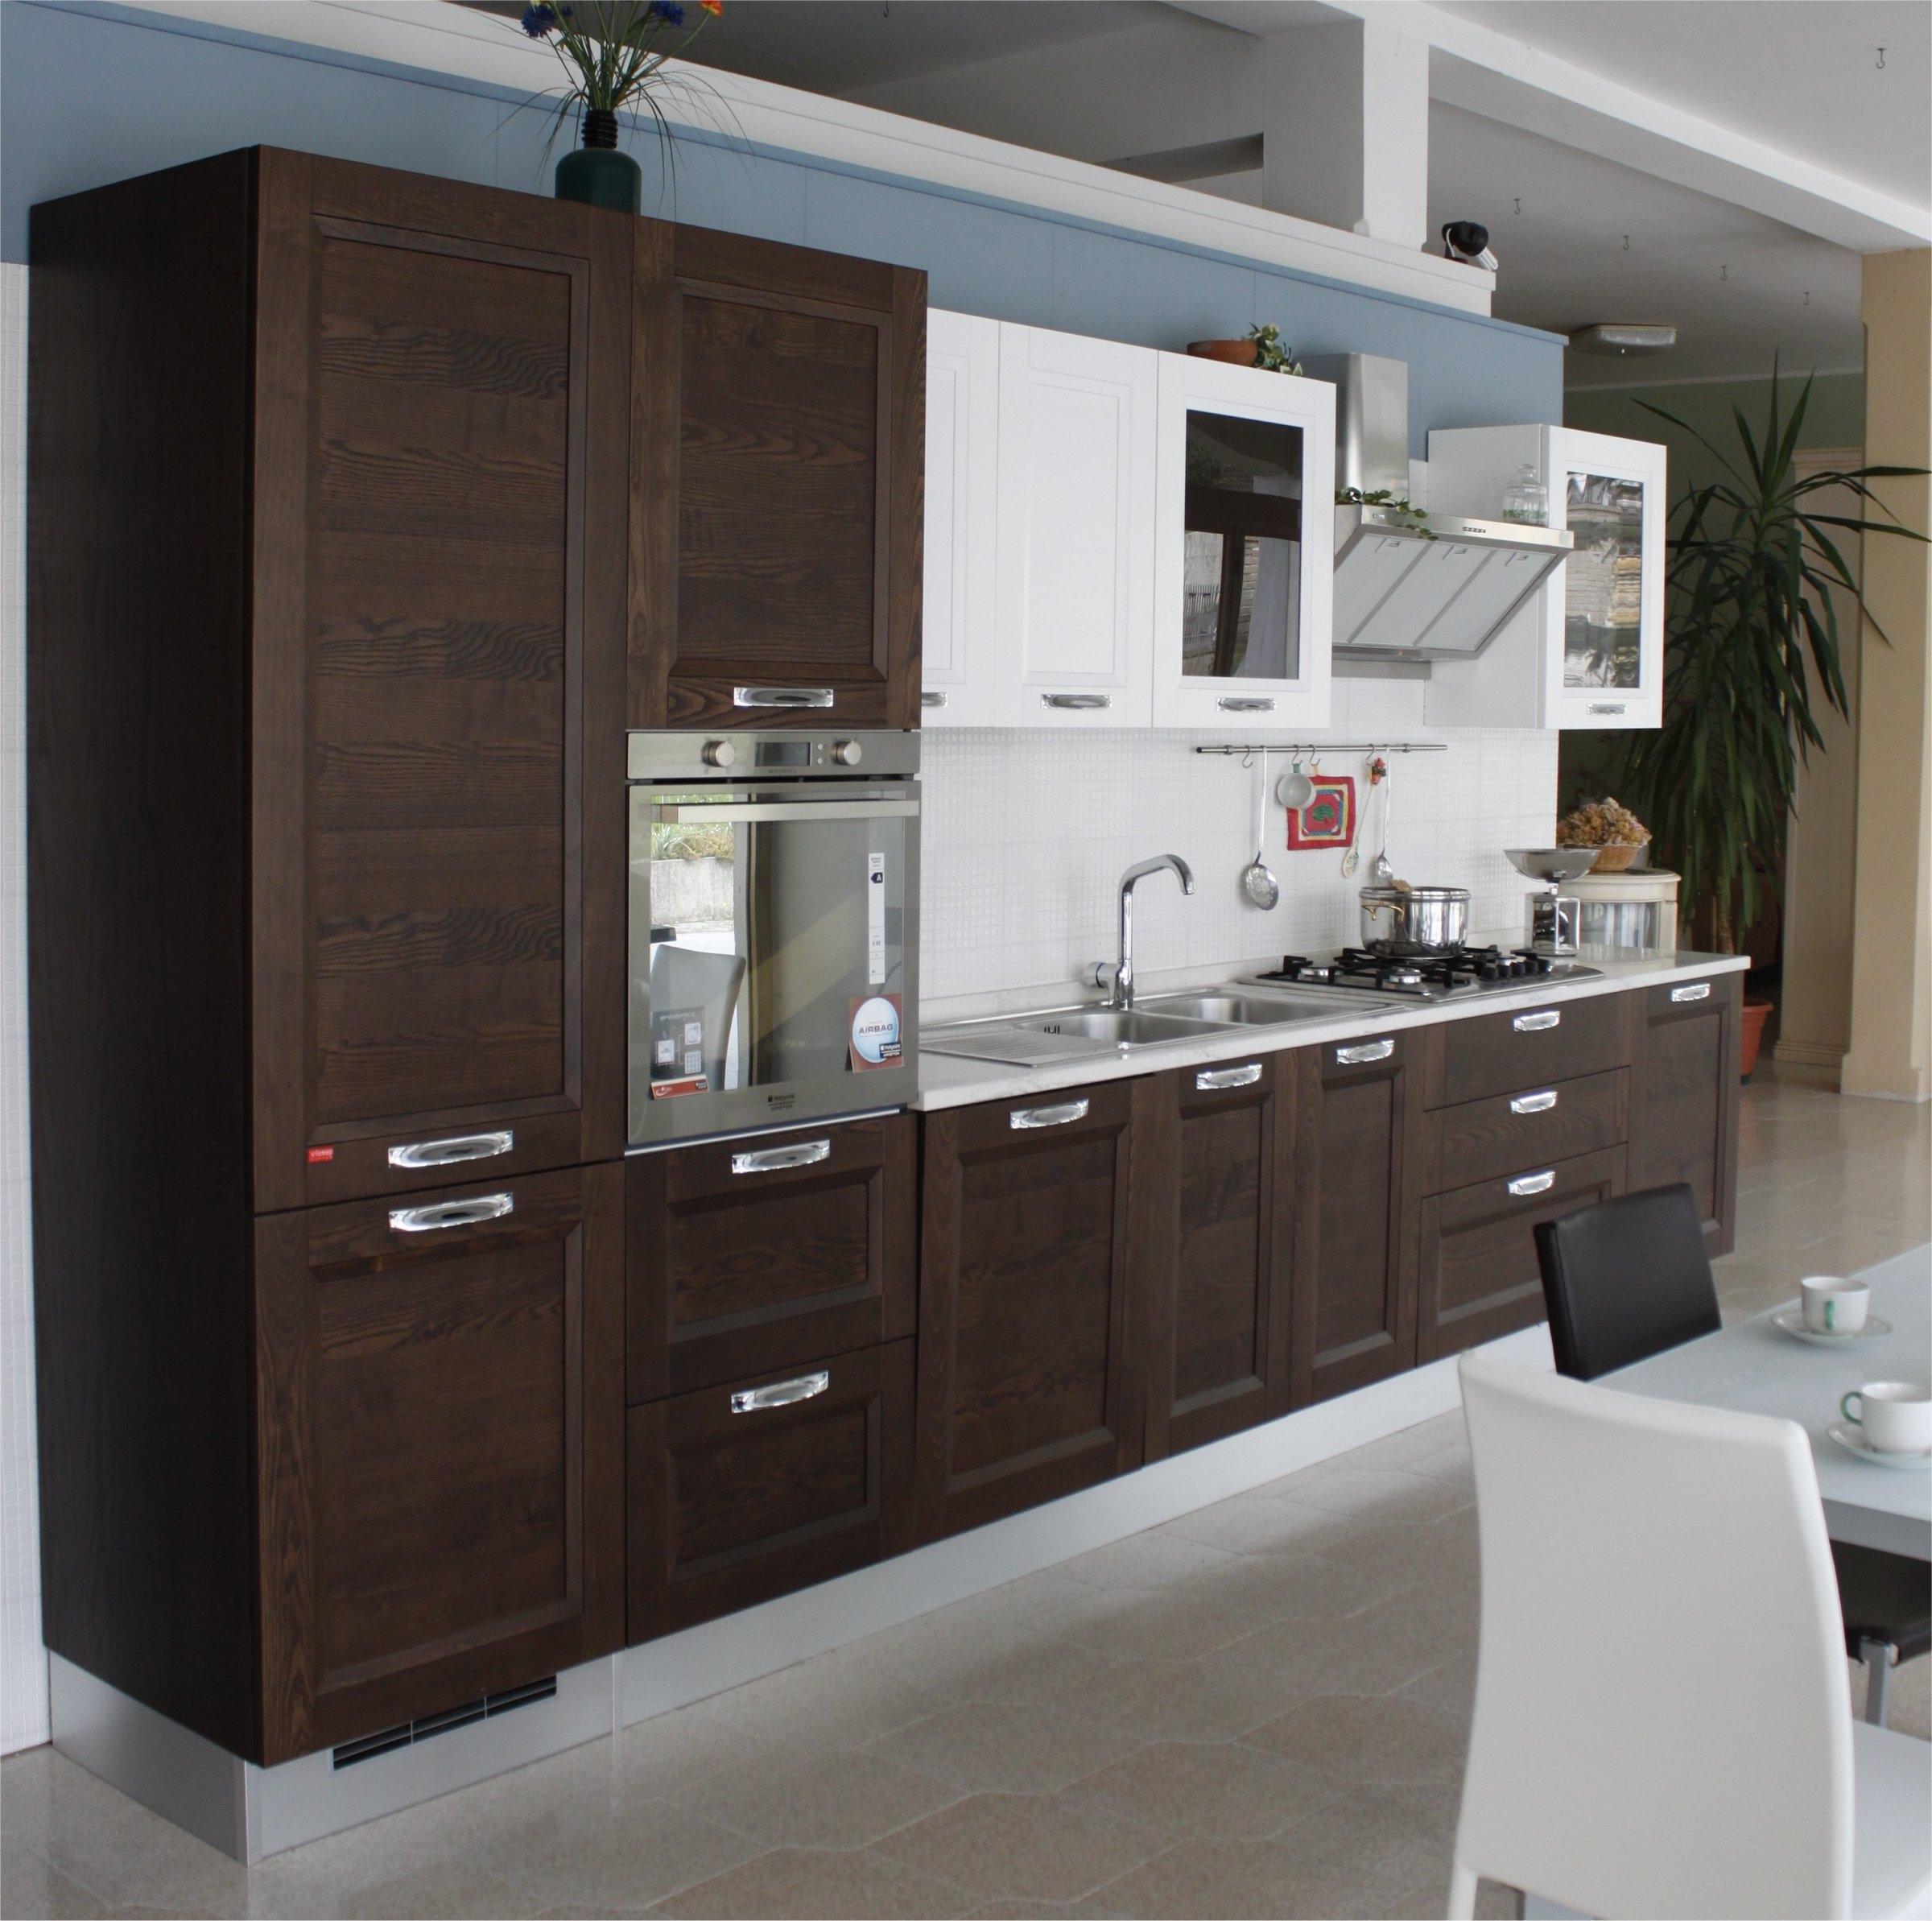 Colore cucine glass with colore cucine colore cucine - Pitturare mobili cucina ...